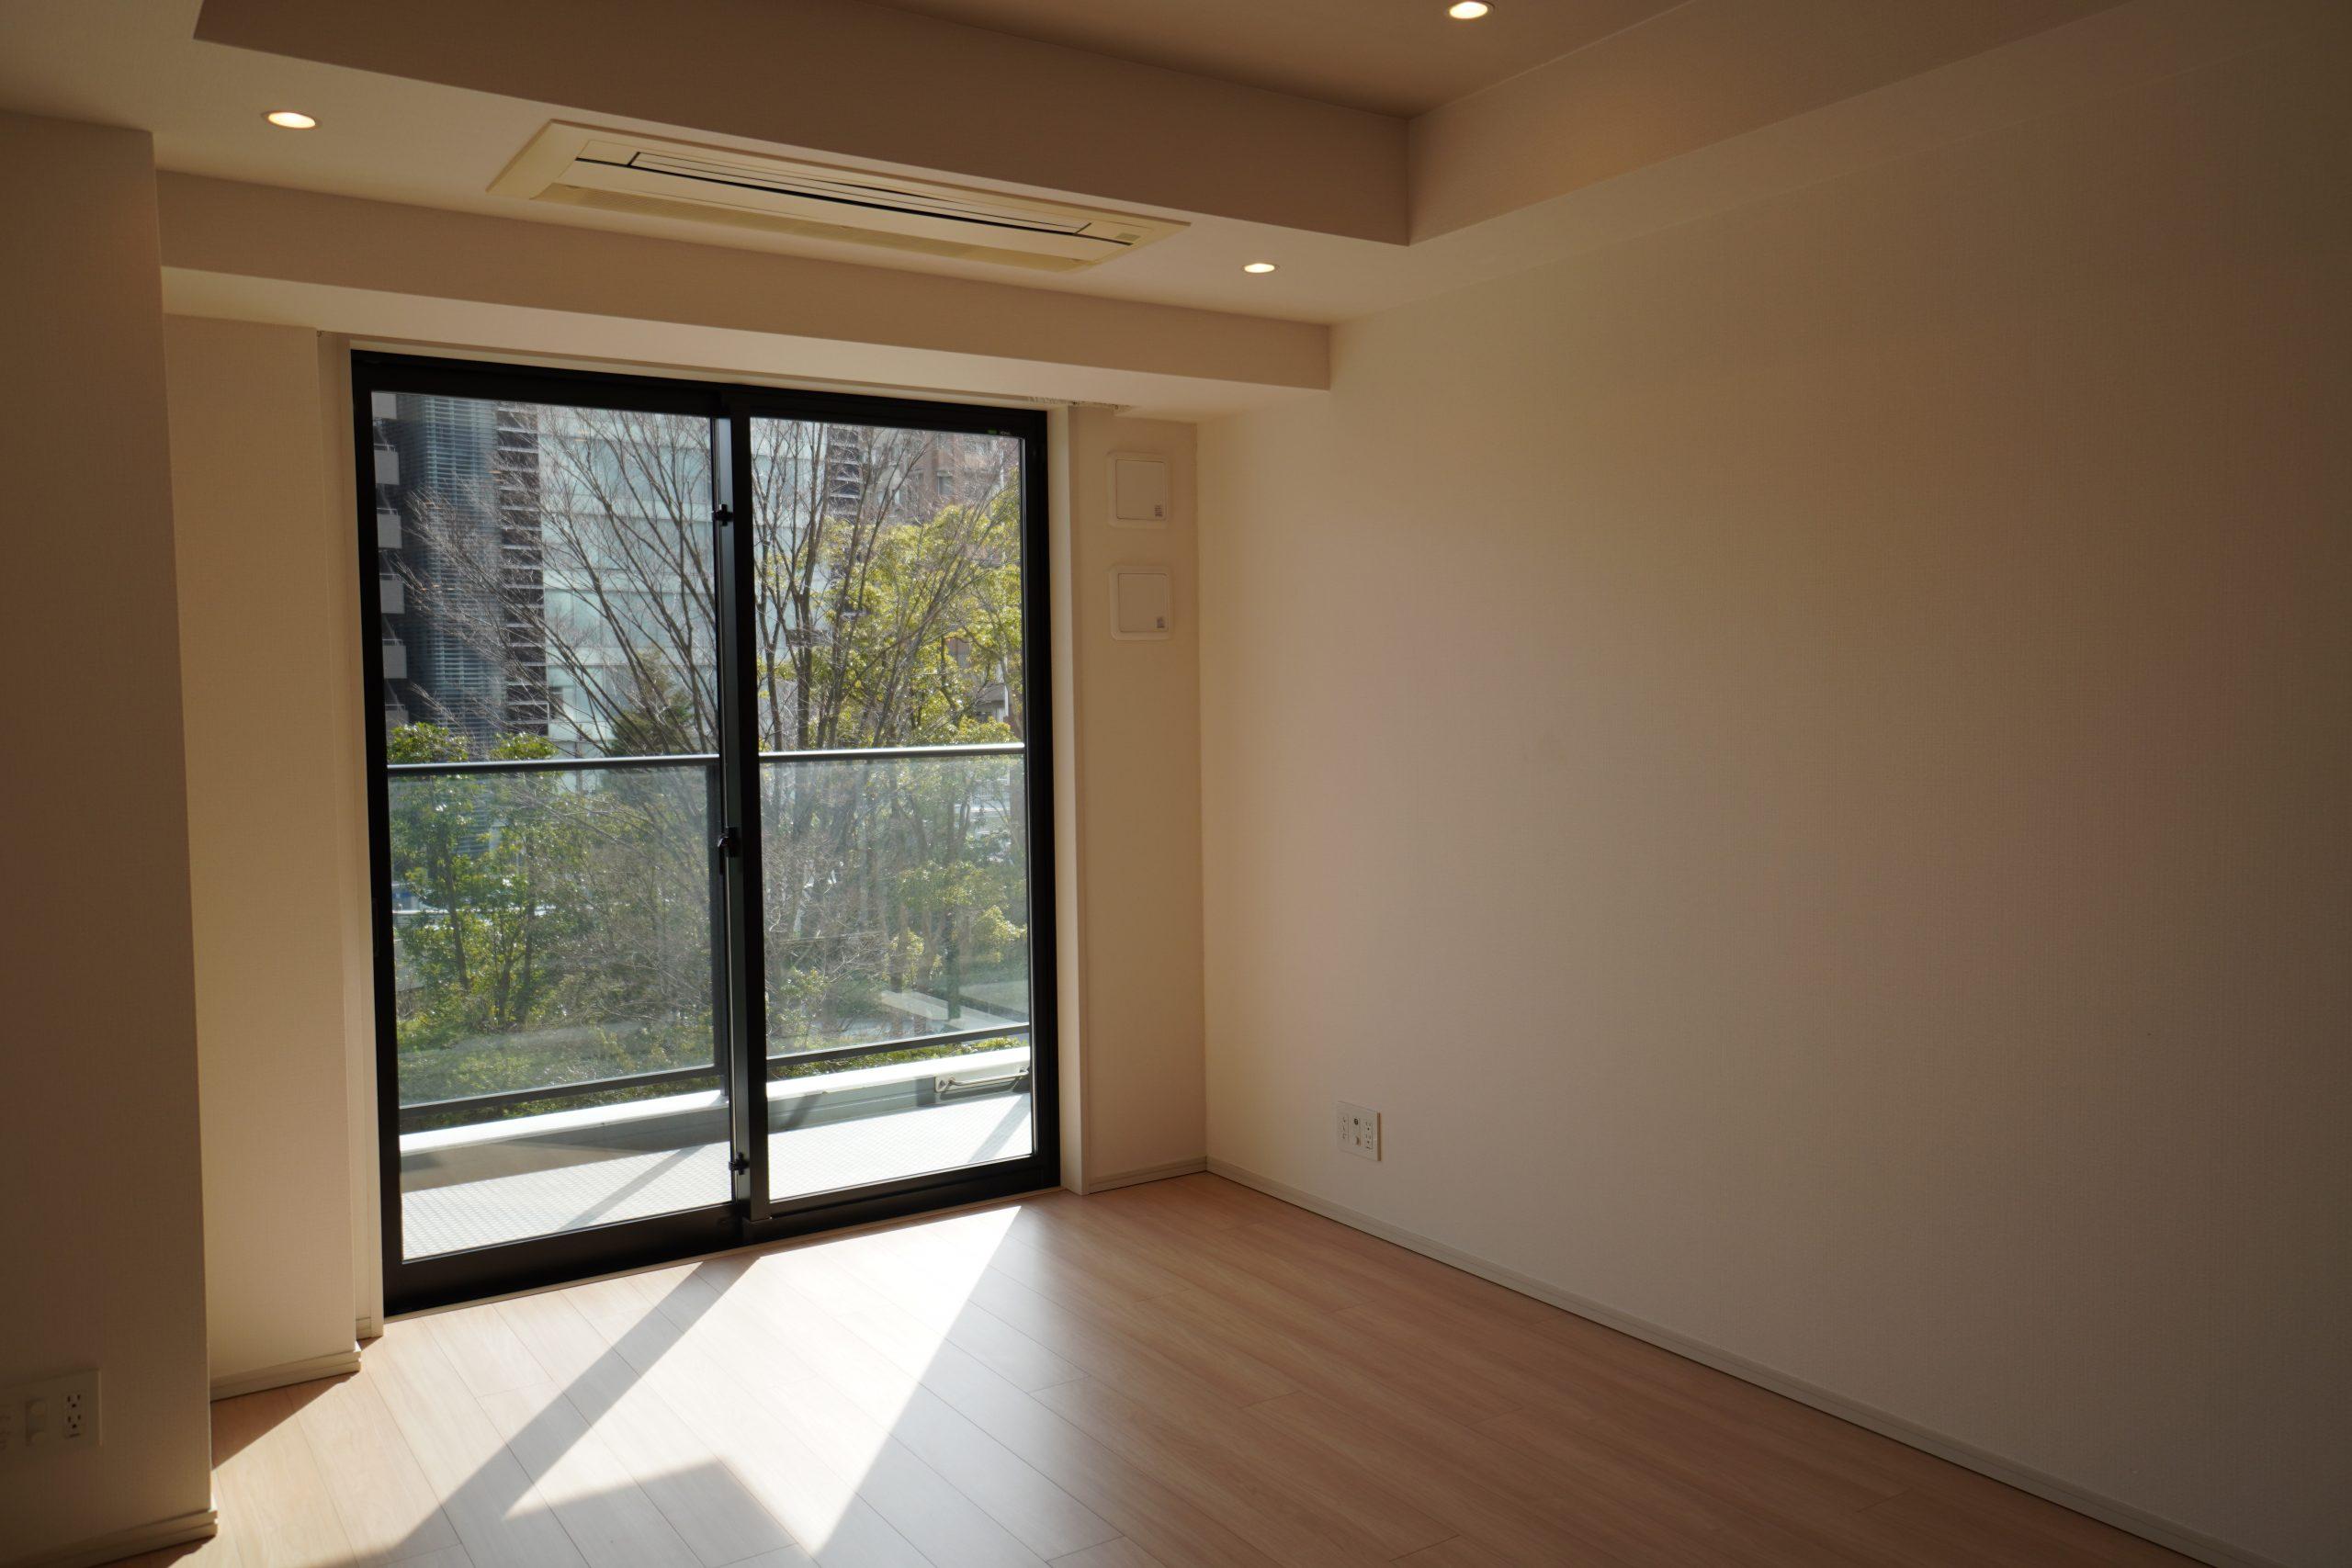 コンフォリア新宿イーストサイドタワー 214の写真3